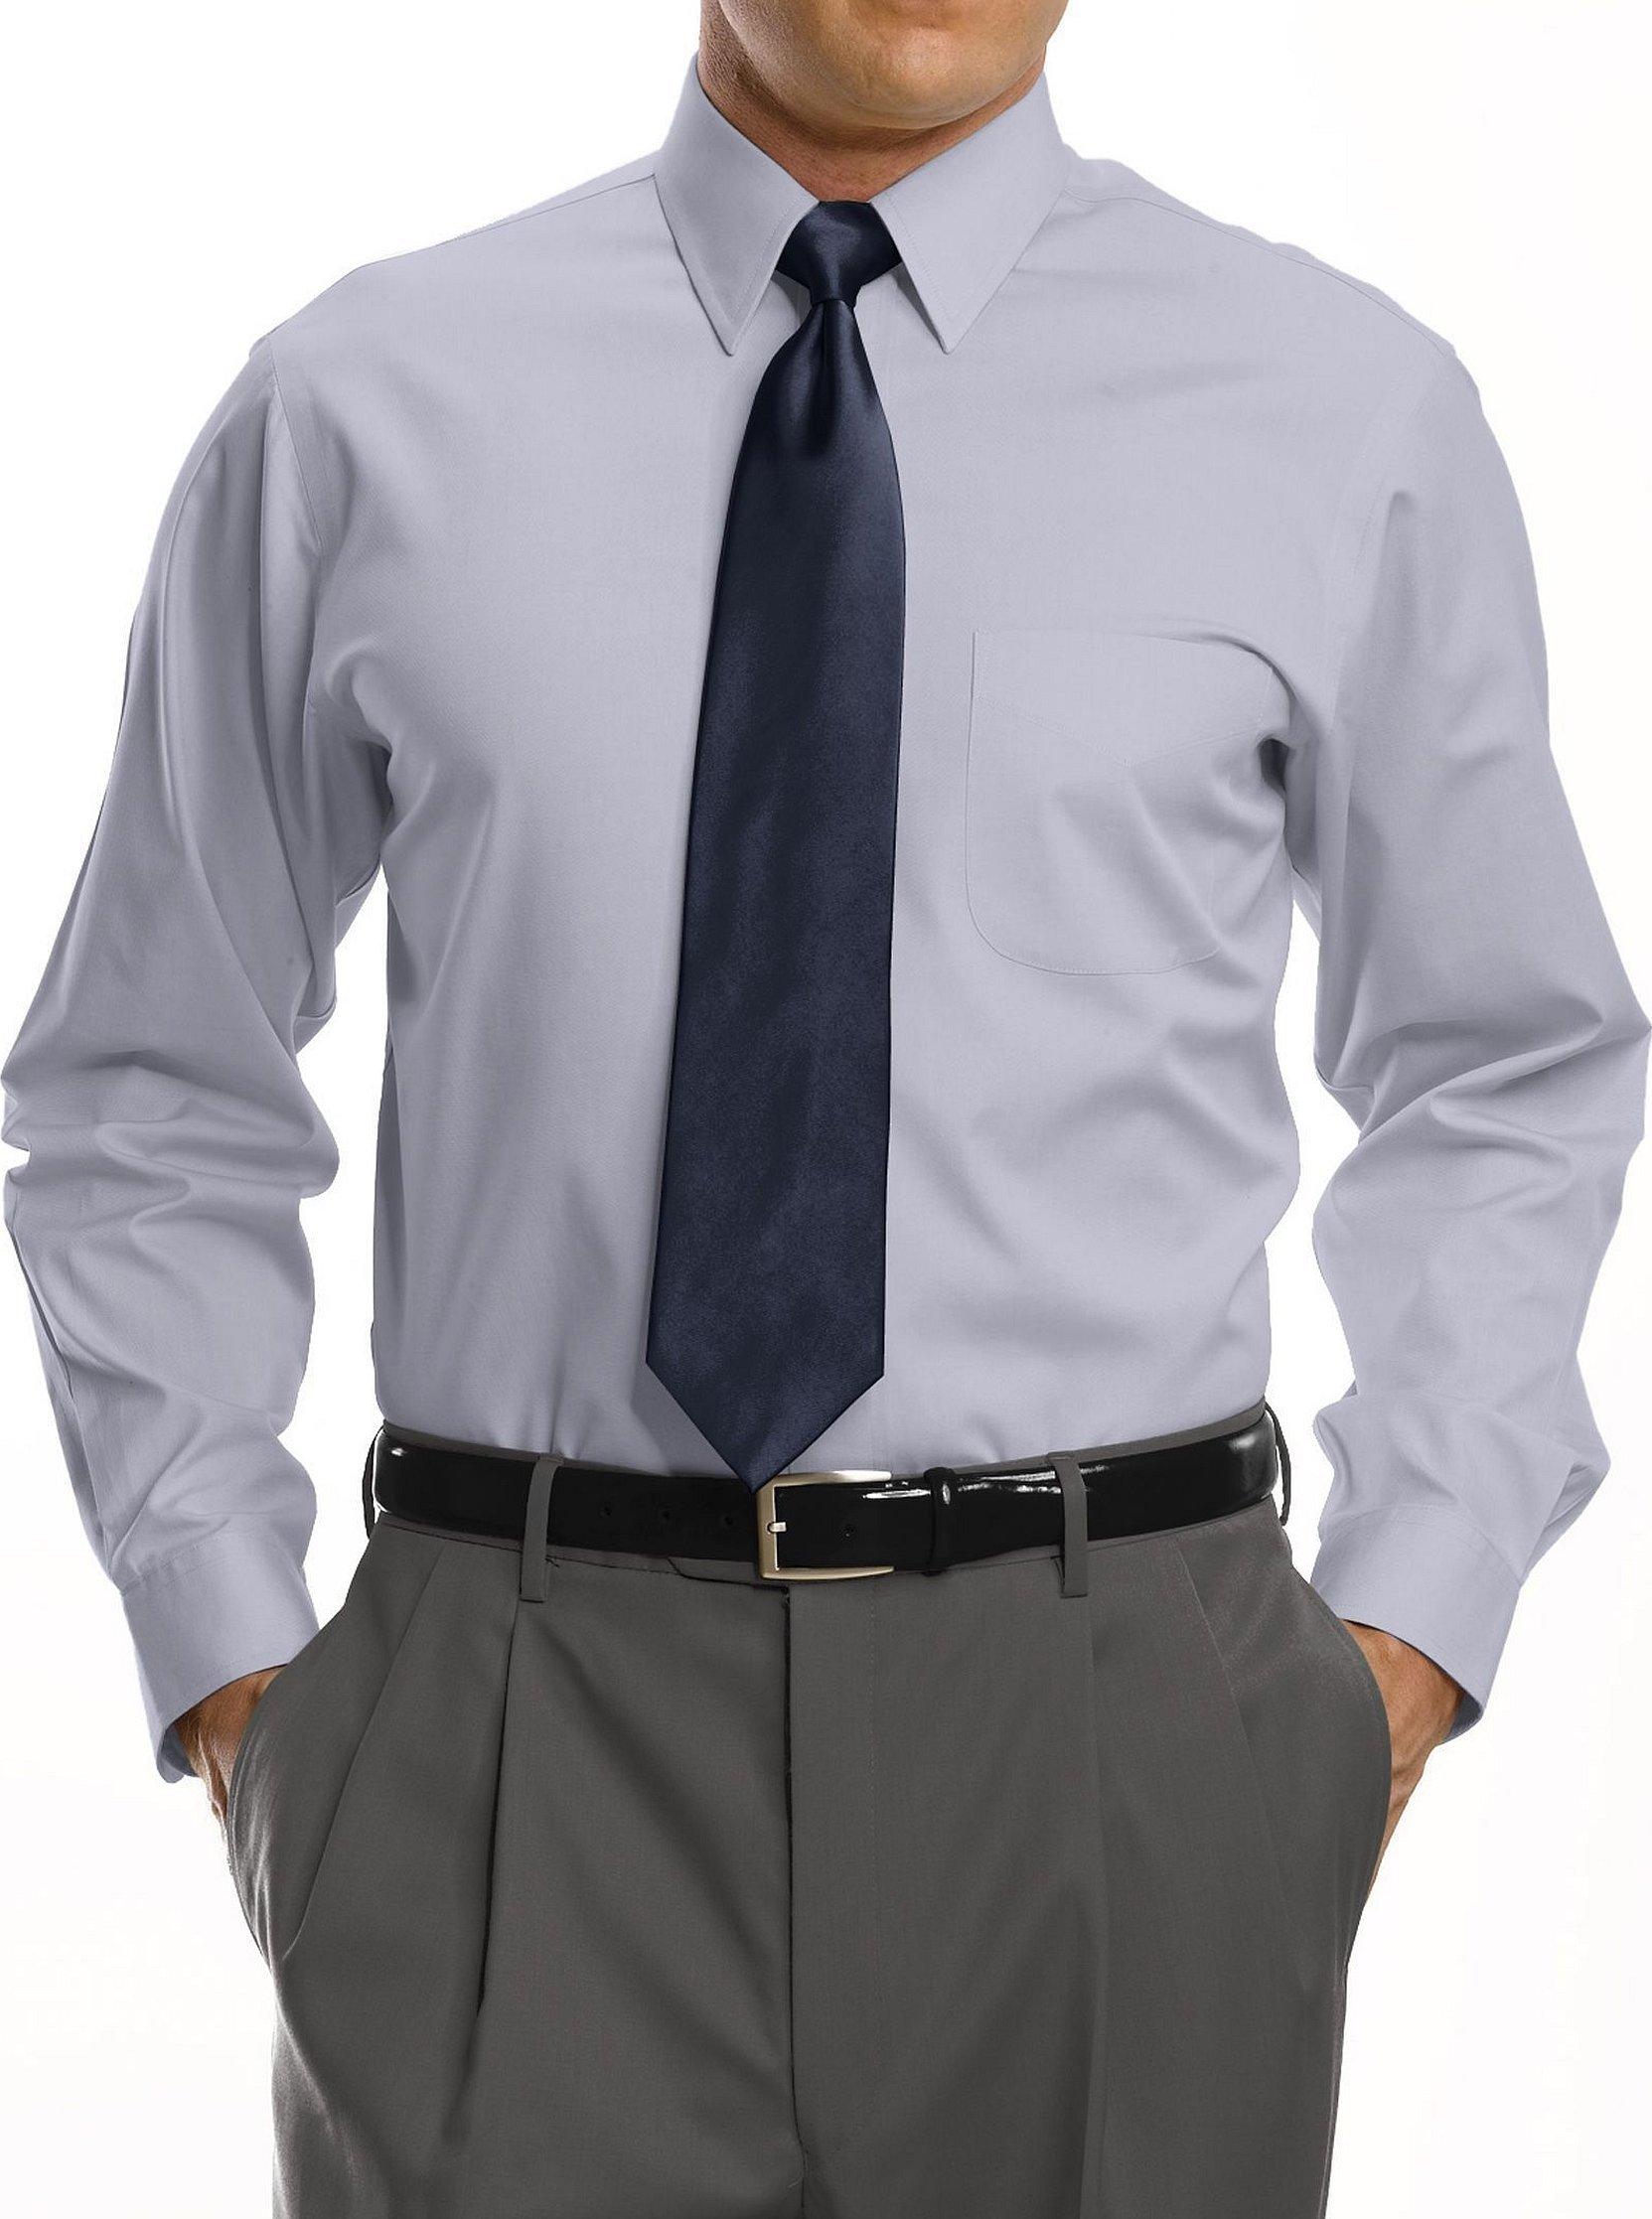 Белая рубашка с галстуком мужская для фотошопа